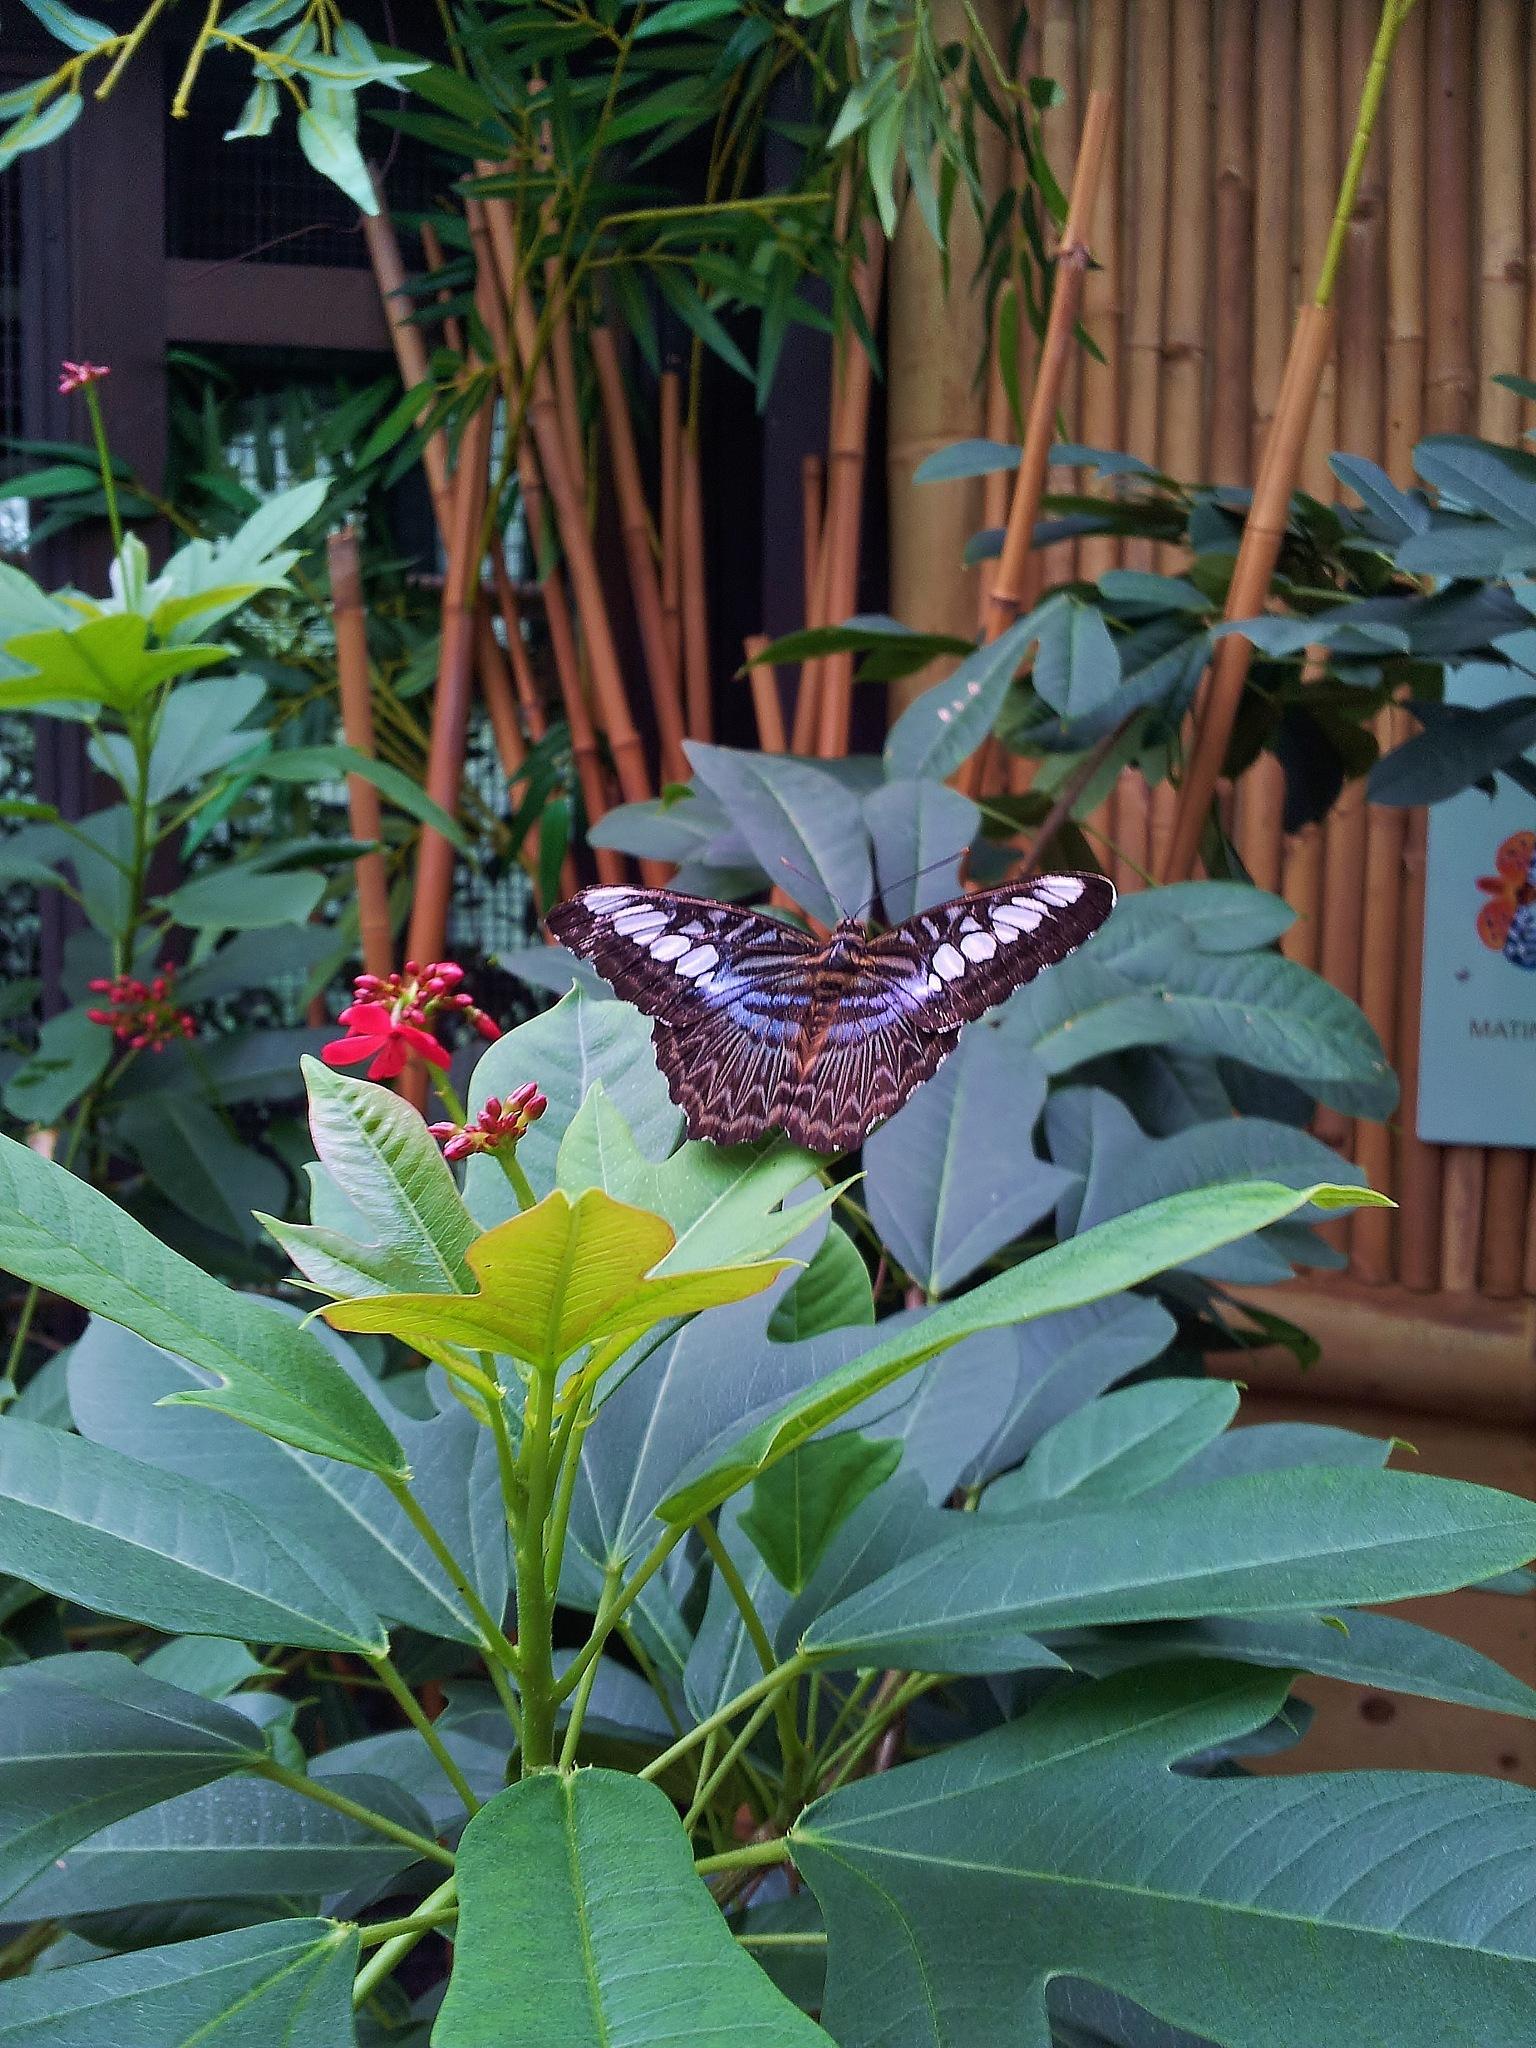 Butterfly conservatory by Jessy La